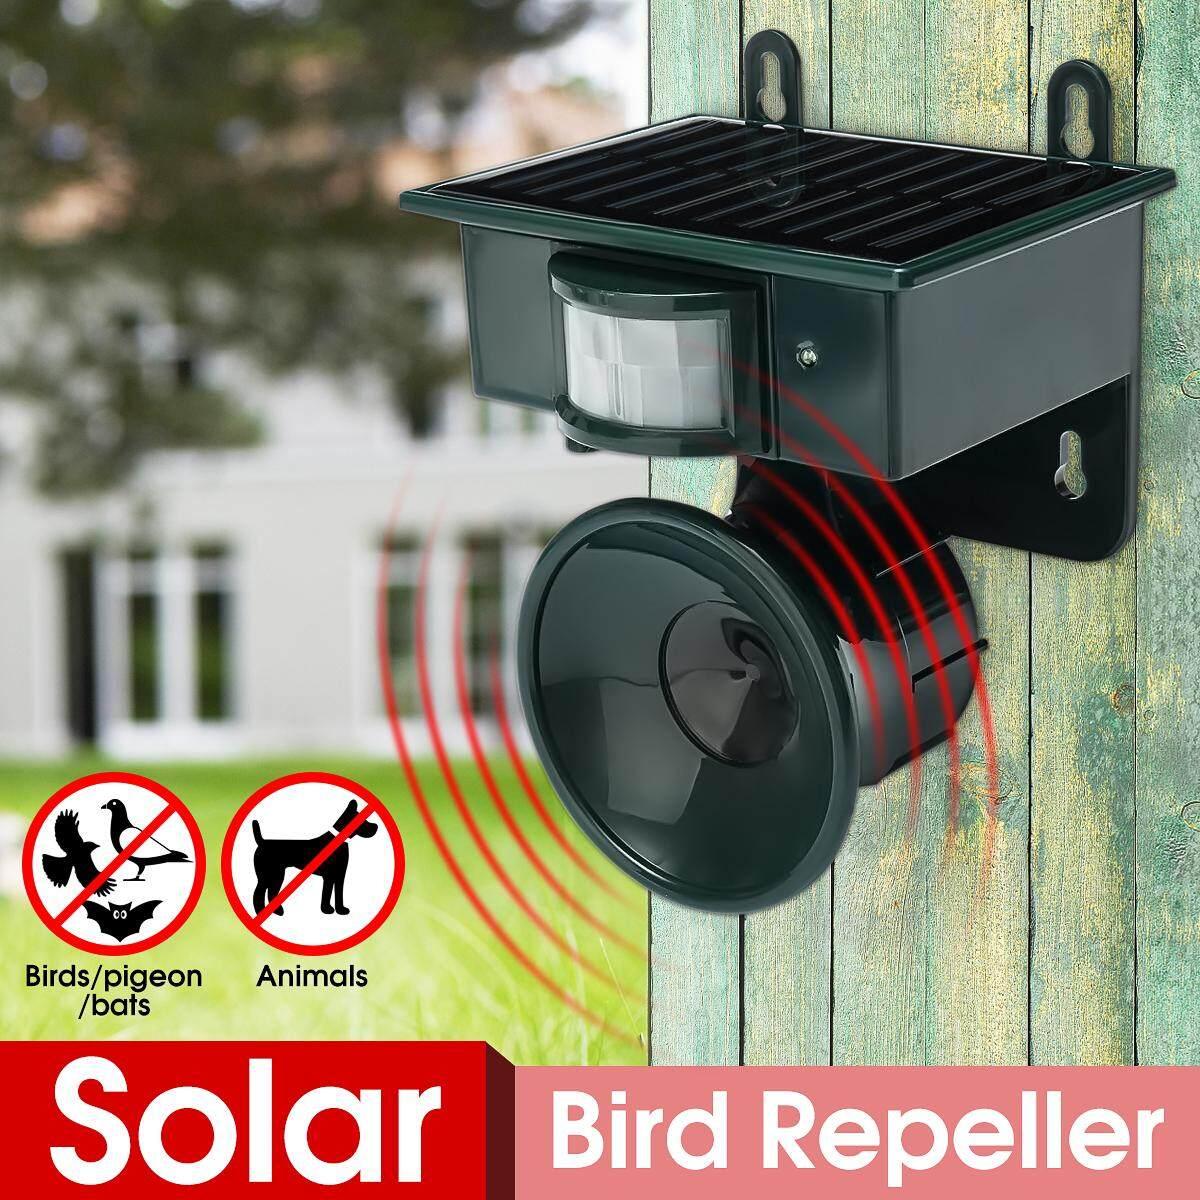 【Free Shipping + Flash Deal】Solar PIR Sensor Pest Repeller Animal Bats Bird Cat Dogs Scarer Chaser Deterrent